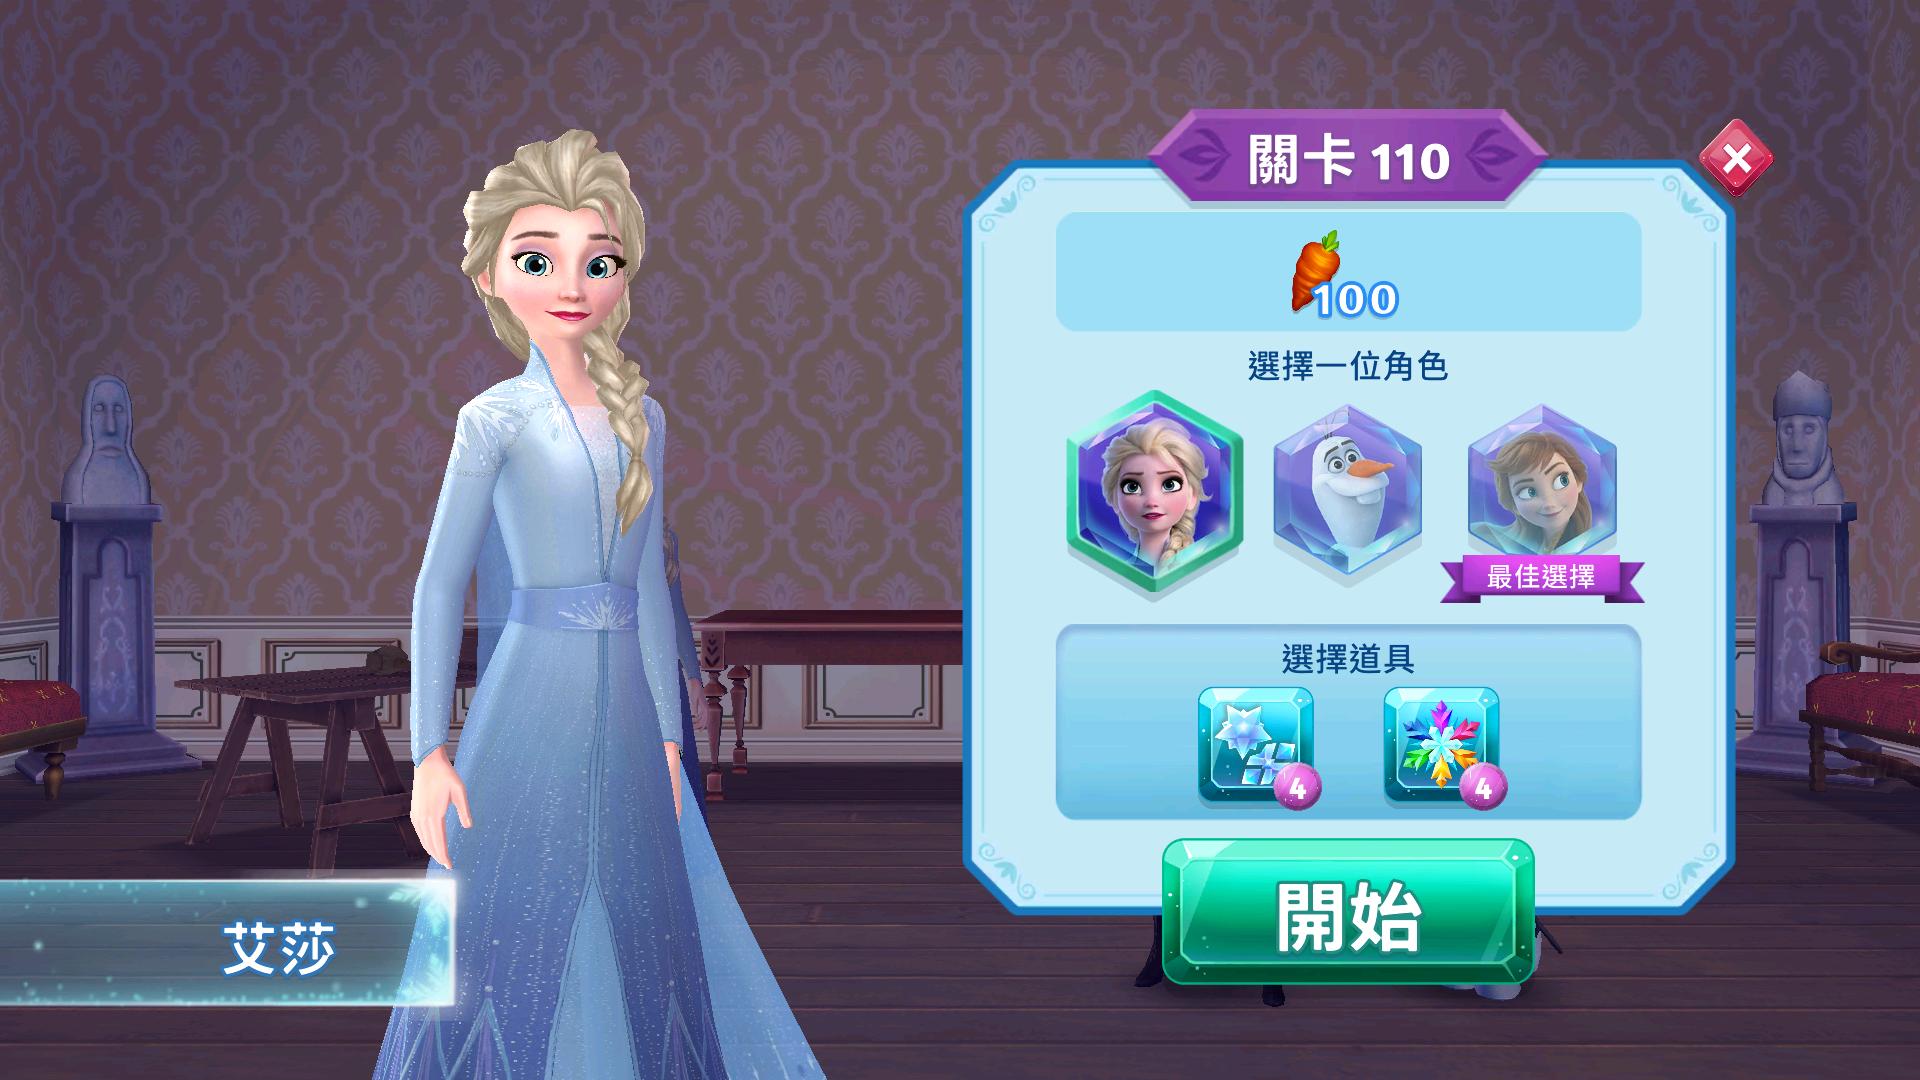 遊戲裡的三位主角 是幫助玩家破關的好幫手